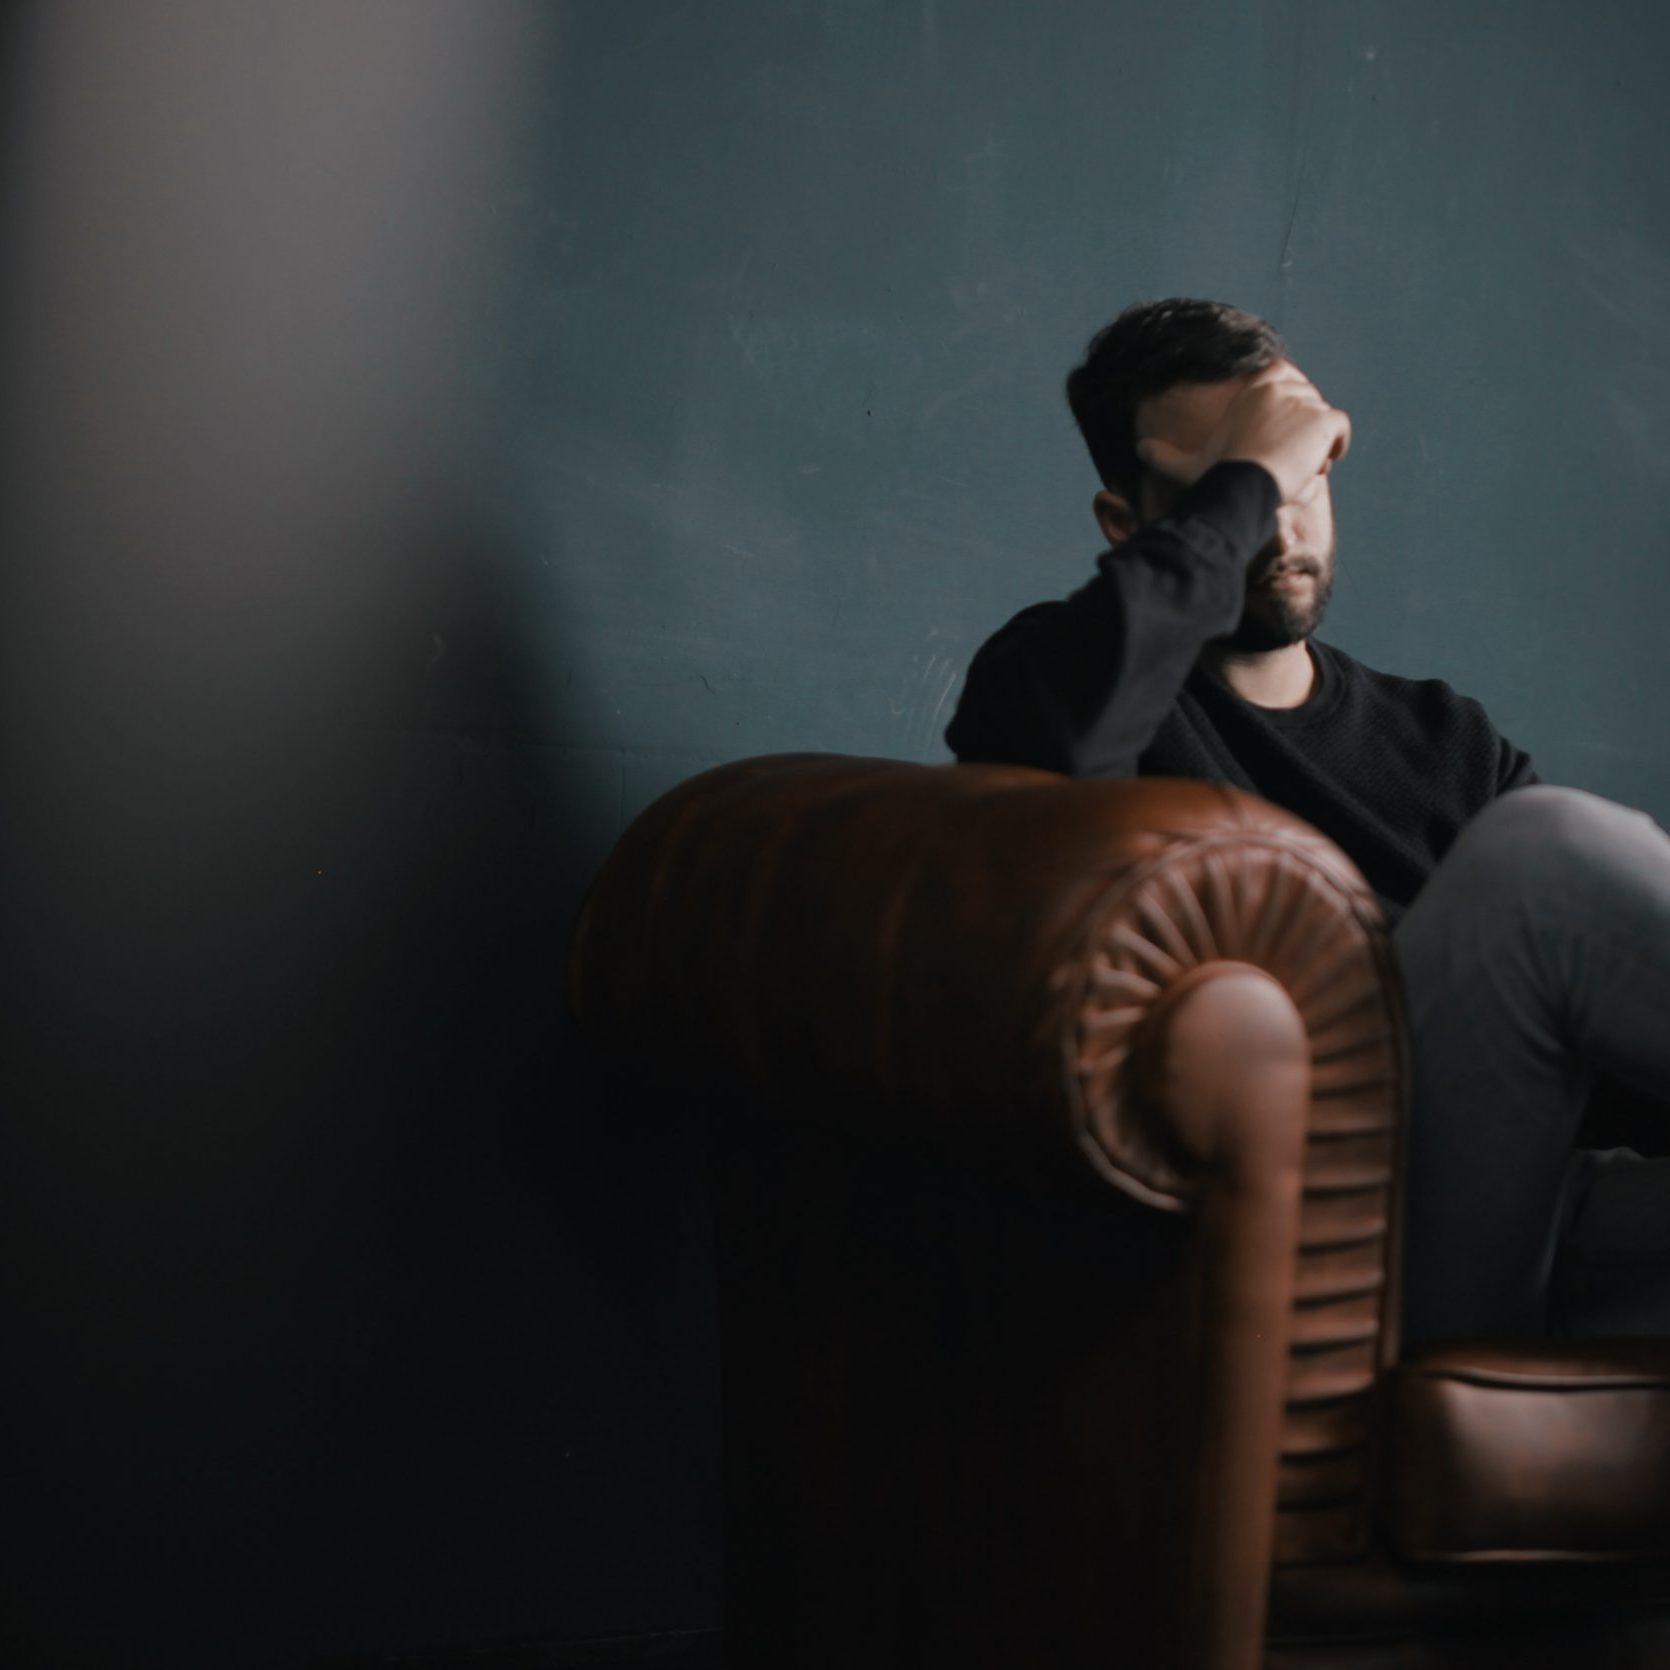 Pour la grande majorité des fumeurs, griller une cigarette permet de décompresser et de faire retomber momentanément le stress. Pourtant, lorsqu'on observe de quoi est faite la cigarette, et son action sur le mental, c'est pratiquement le contraire…